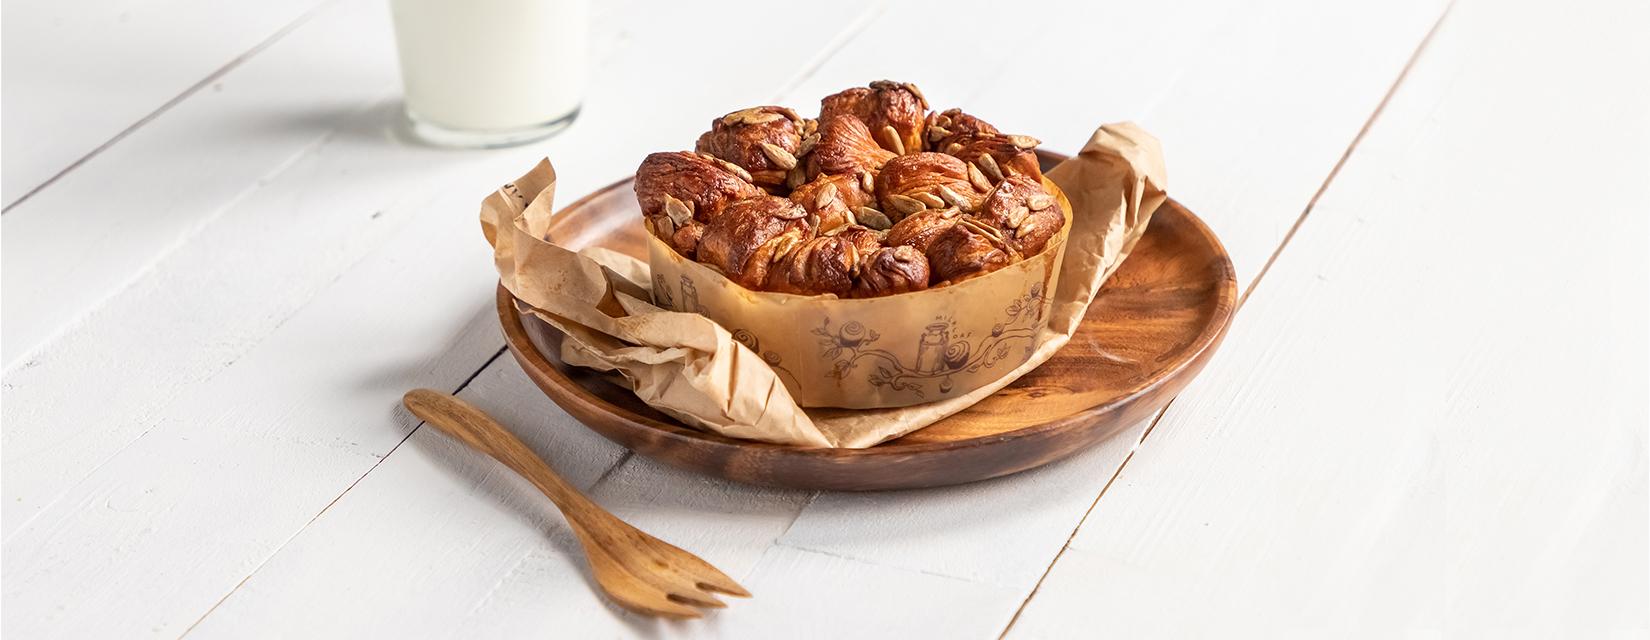 SSG-Bakery